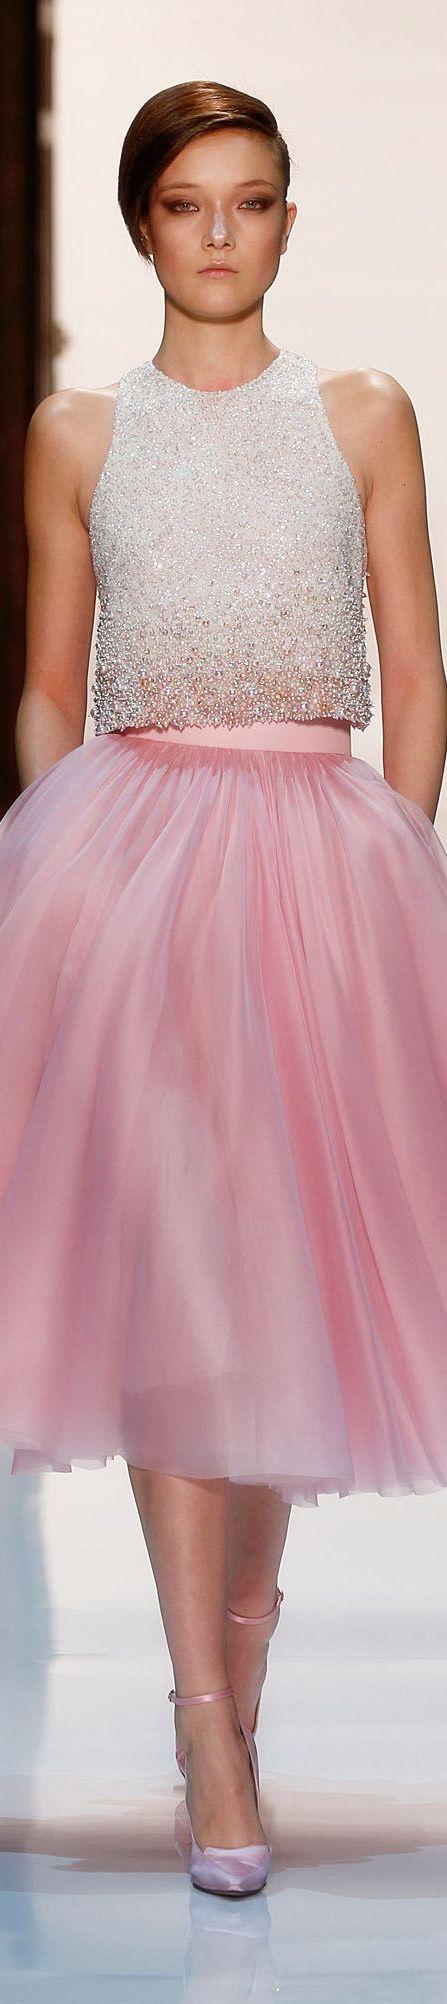 Hermosa Vestidos De Fiesta De Alta Clase Embellecimiento - Colección ...